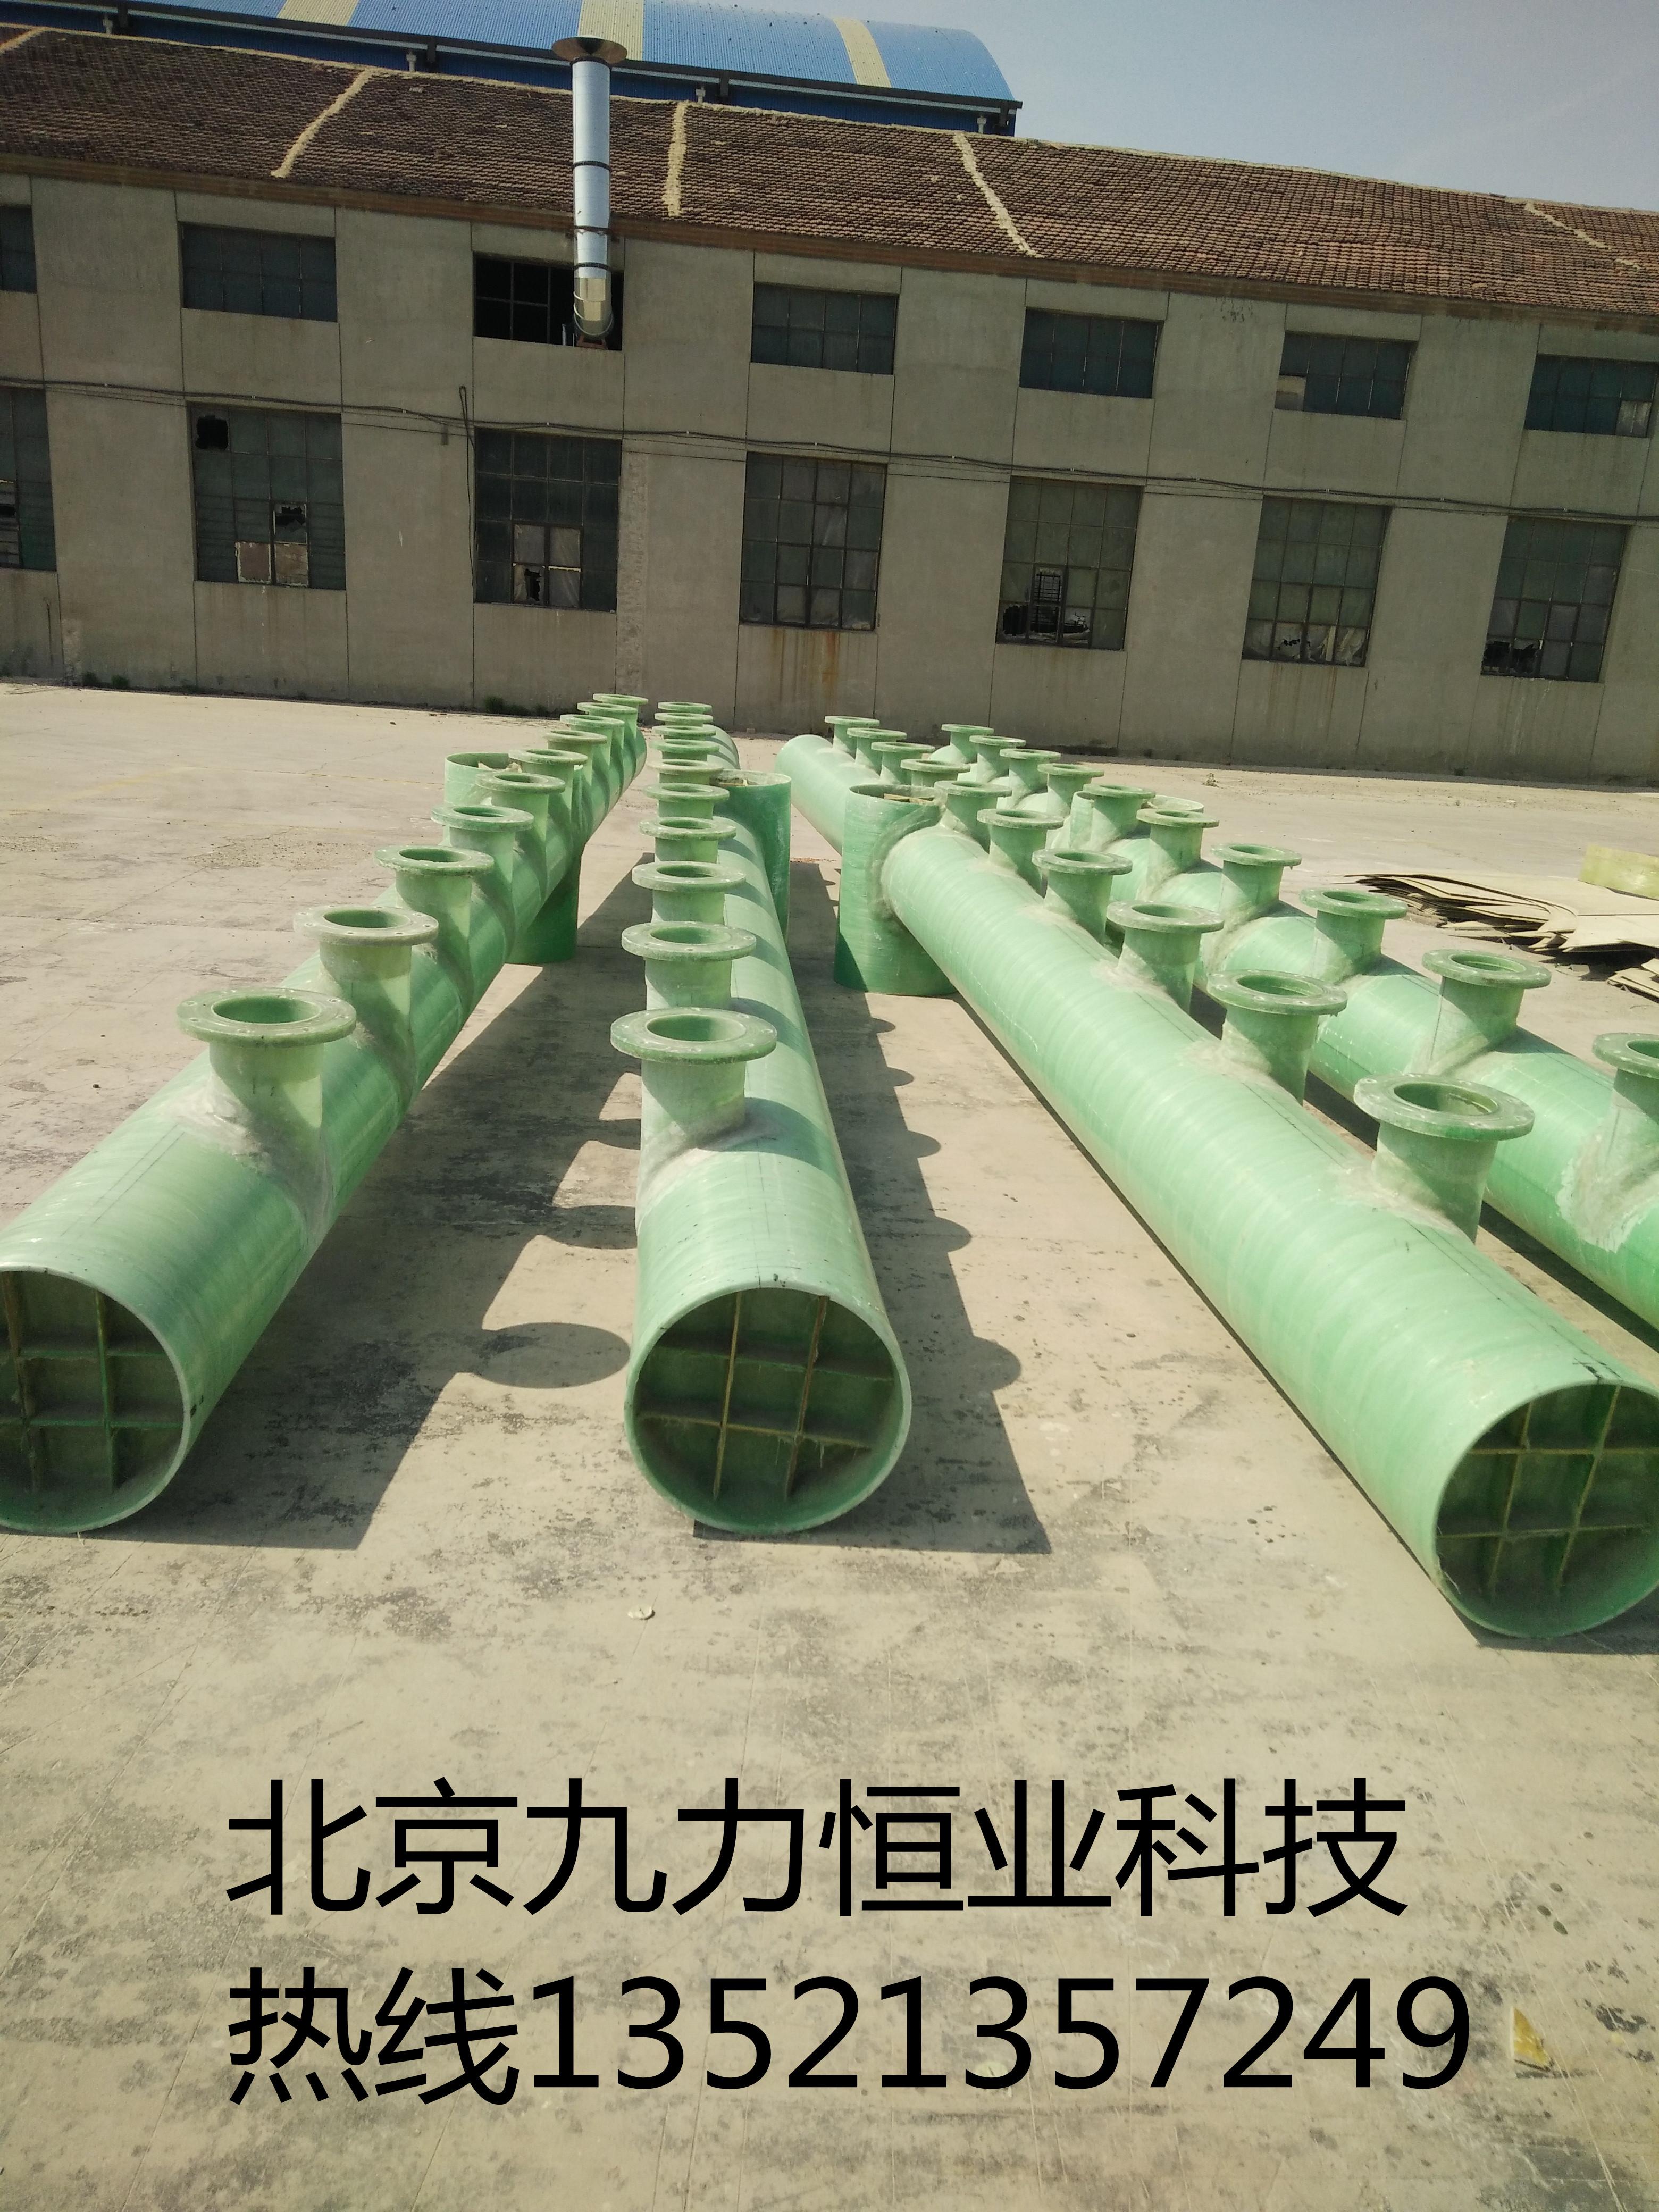 大型工厂玻璃钢工艺管道加工-北京九力玻璃钢夹砂管道生产厂家